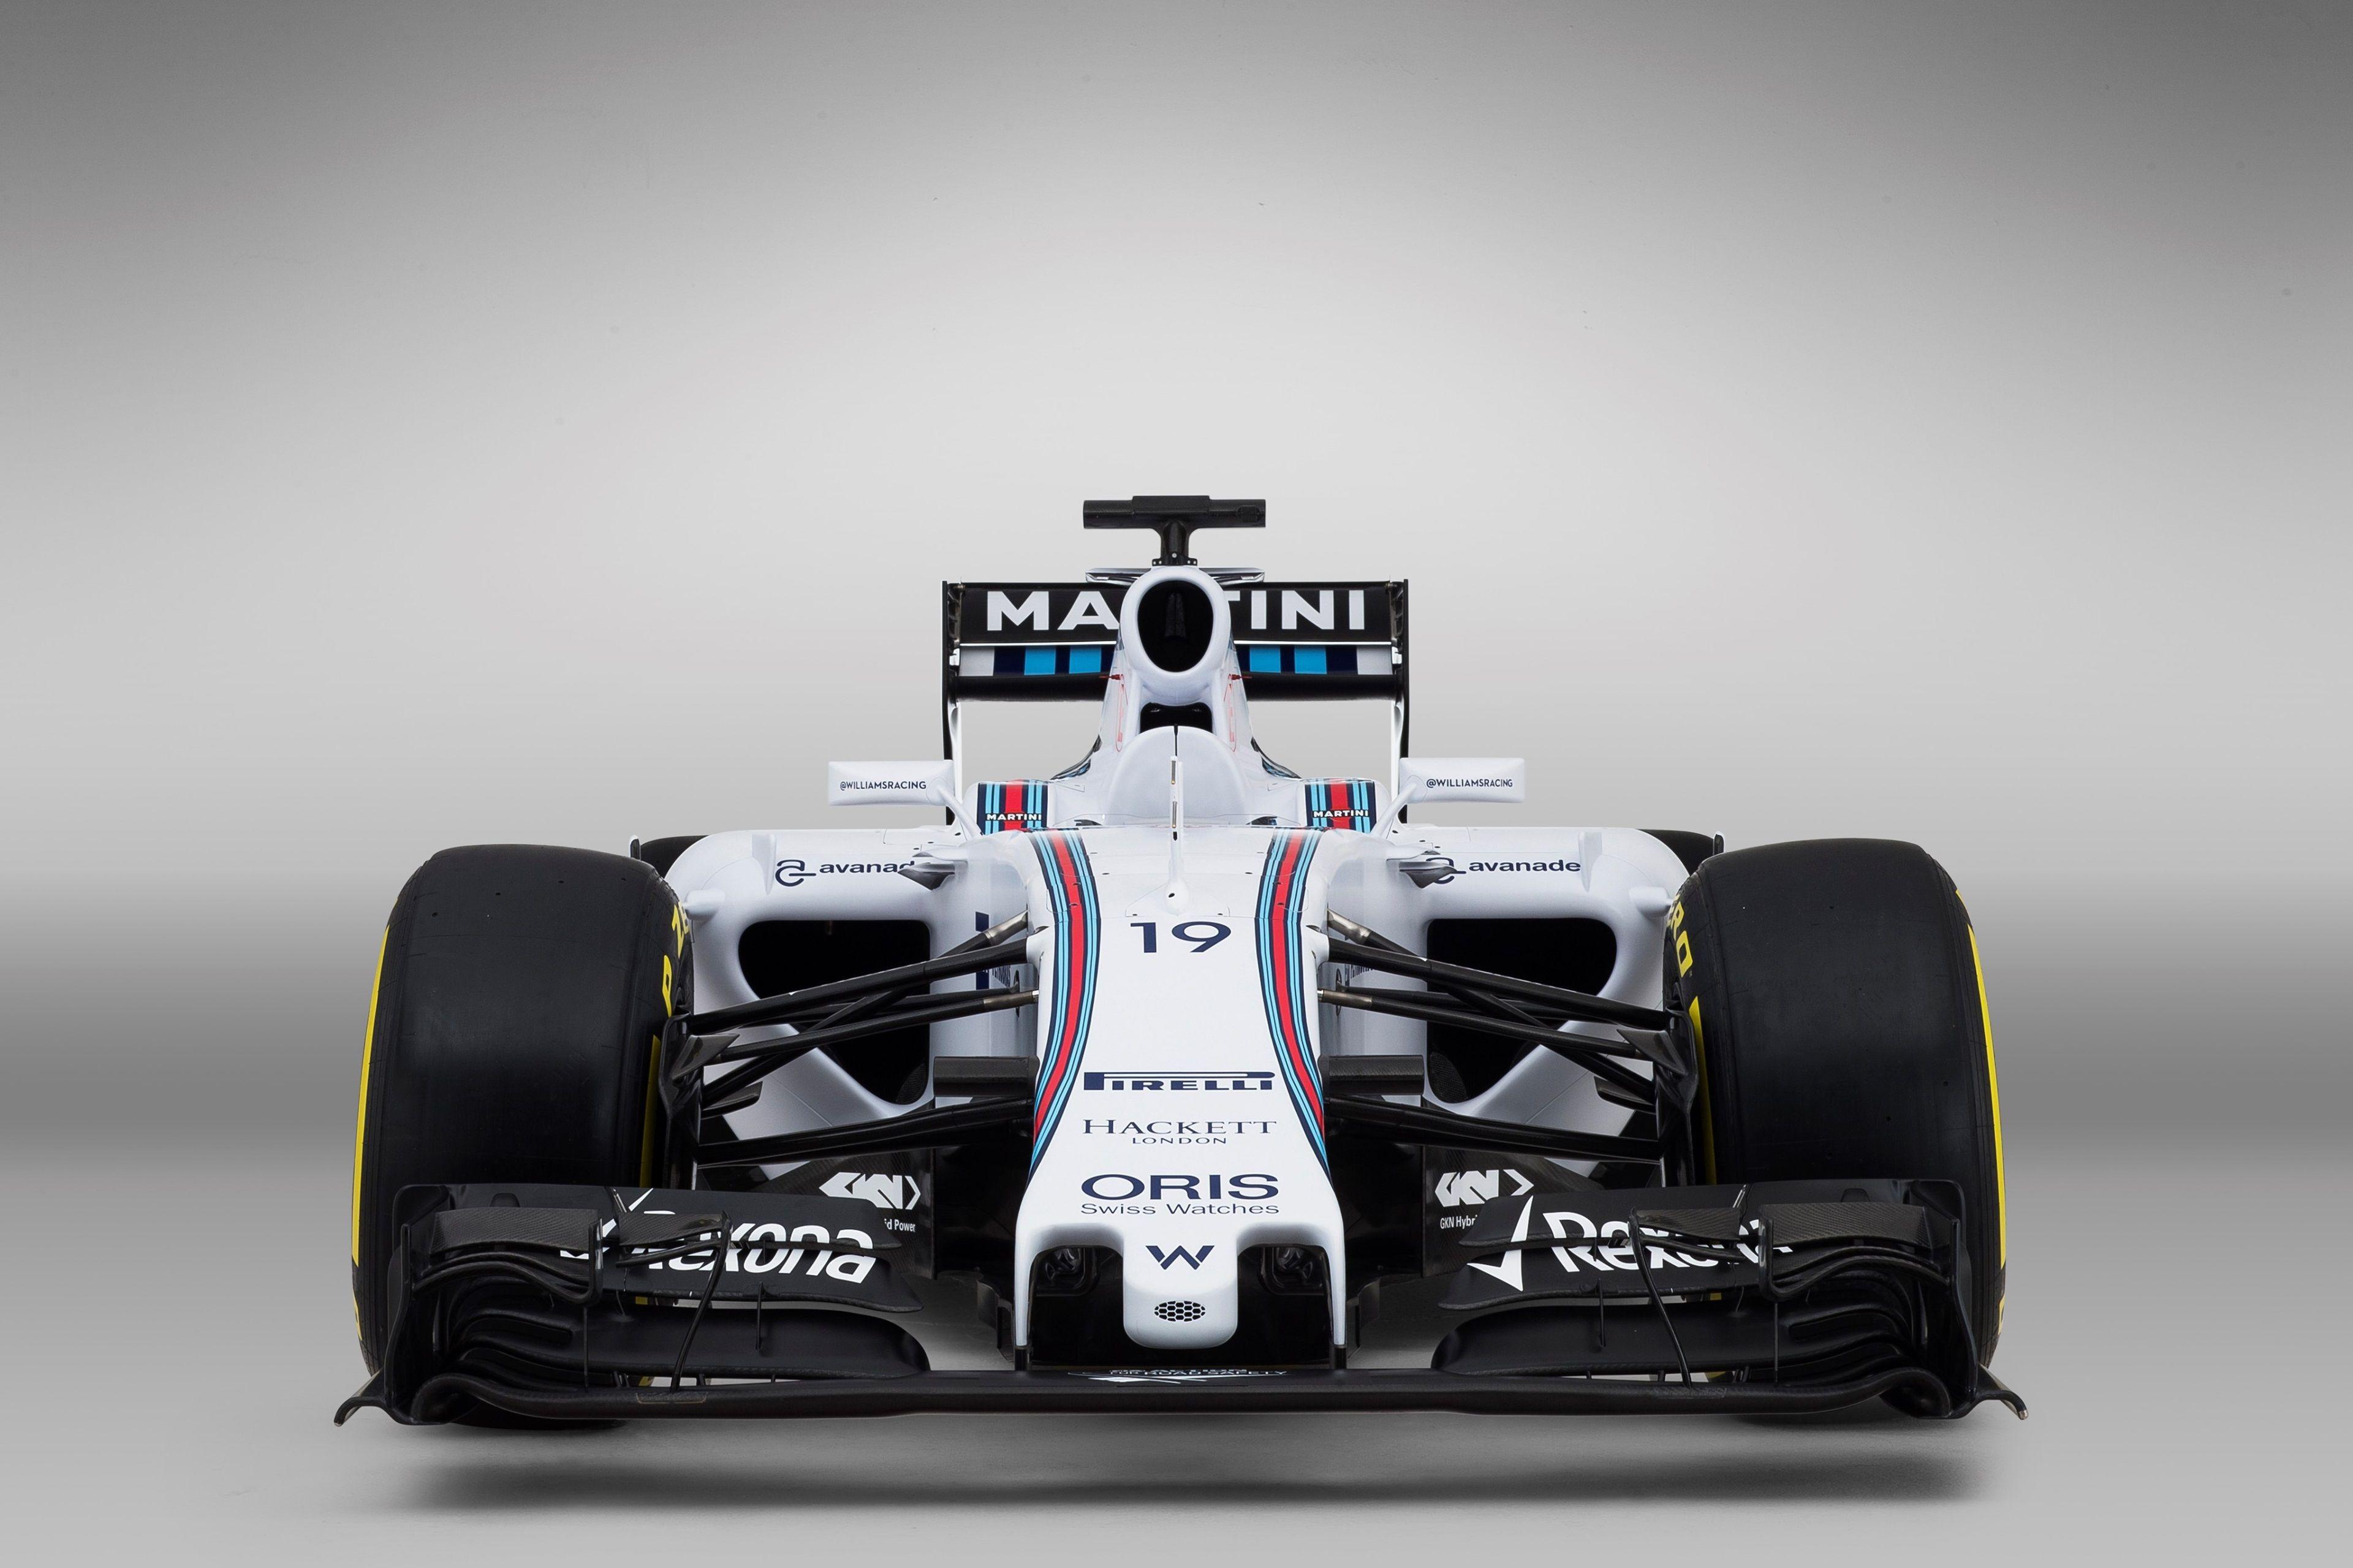 3840x2559 Williams Fw37 4k Wallpaper Screensaver Upcoming Cars Racing Martini Racing